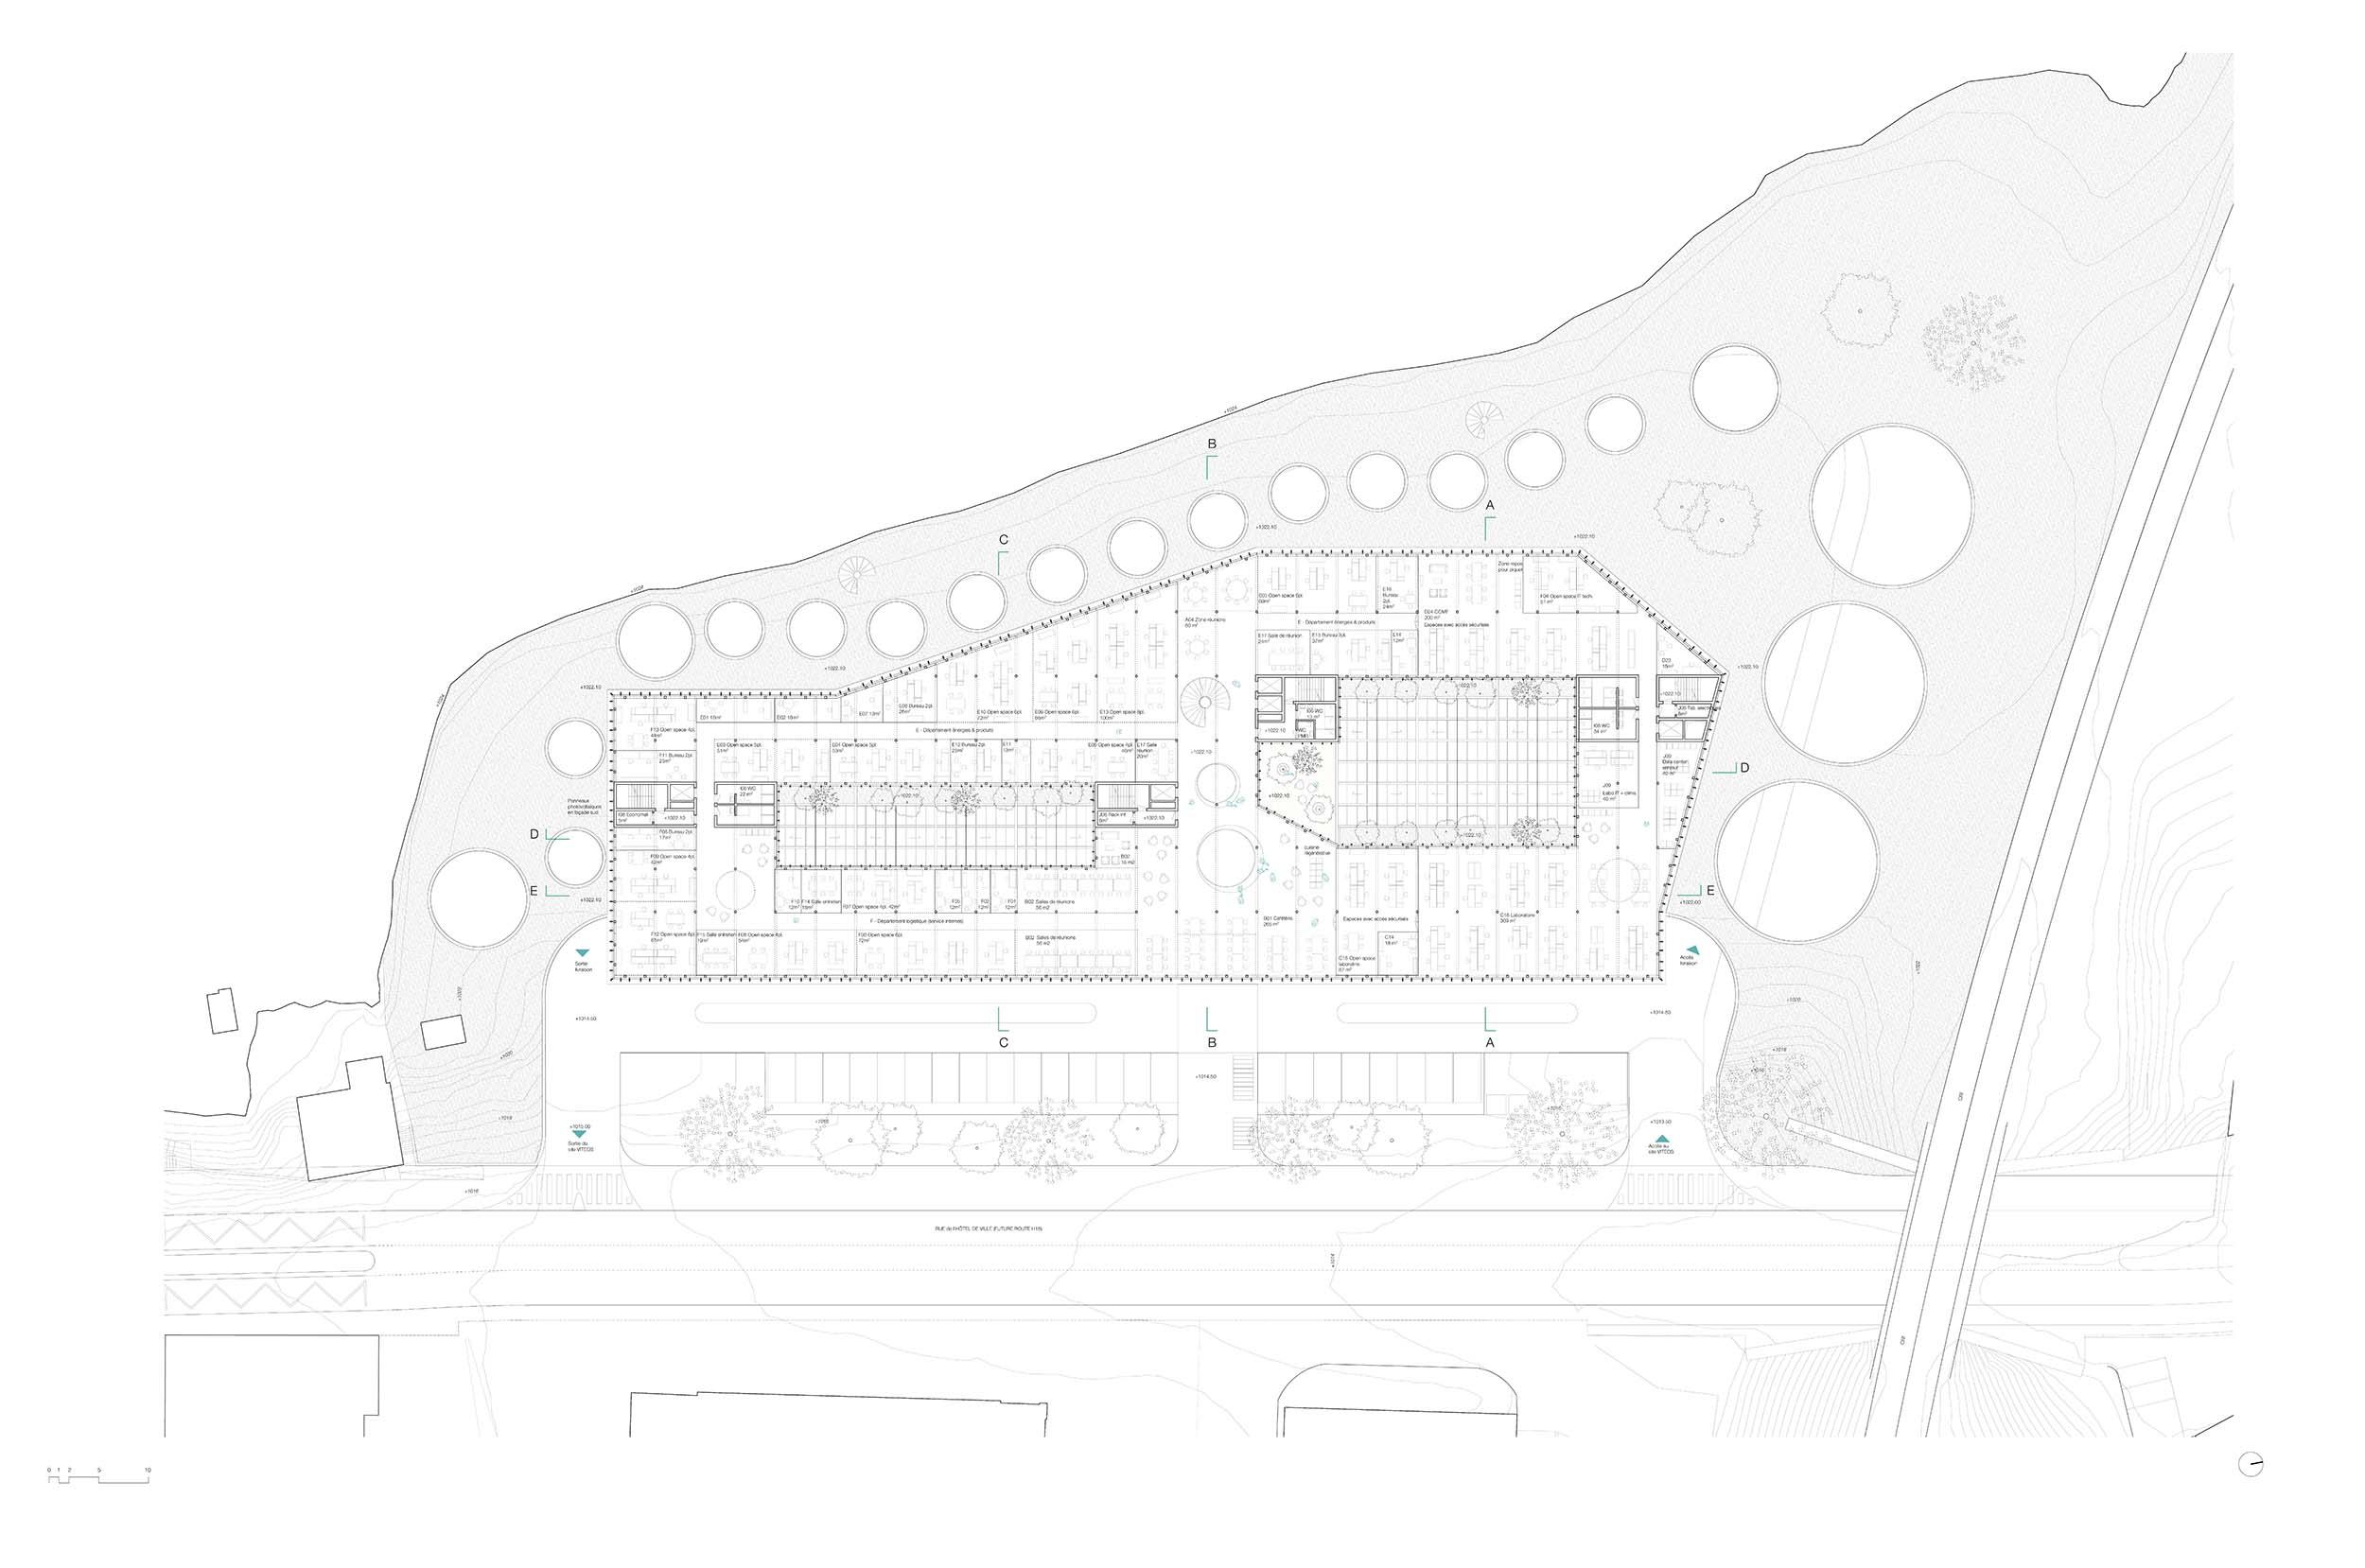 4_viteos_publication_plan étage